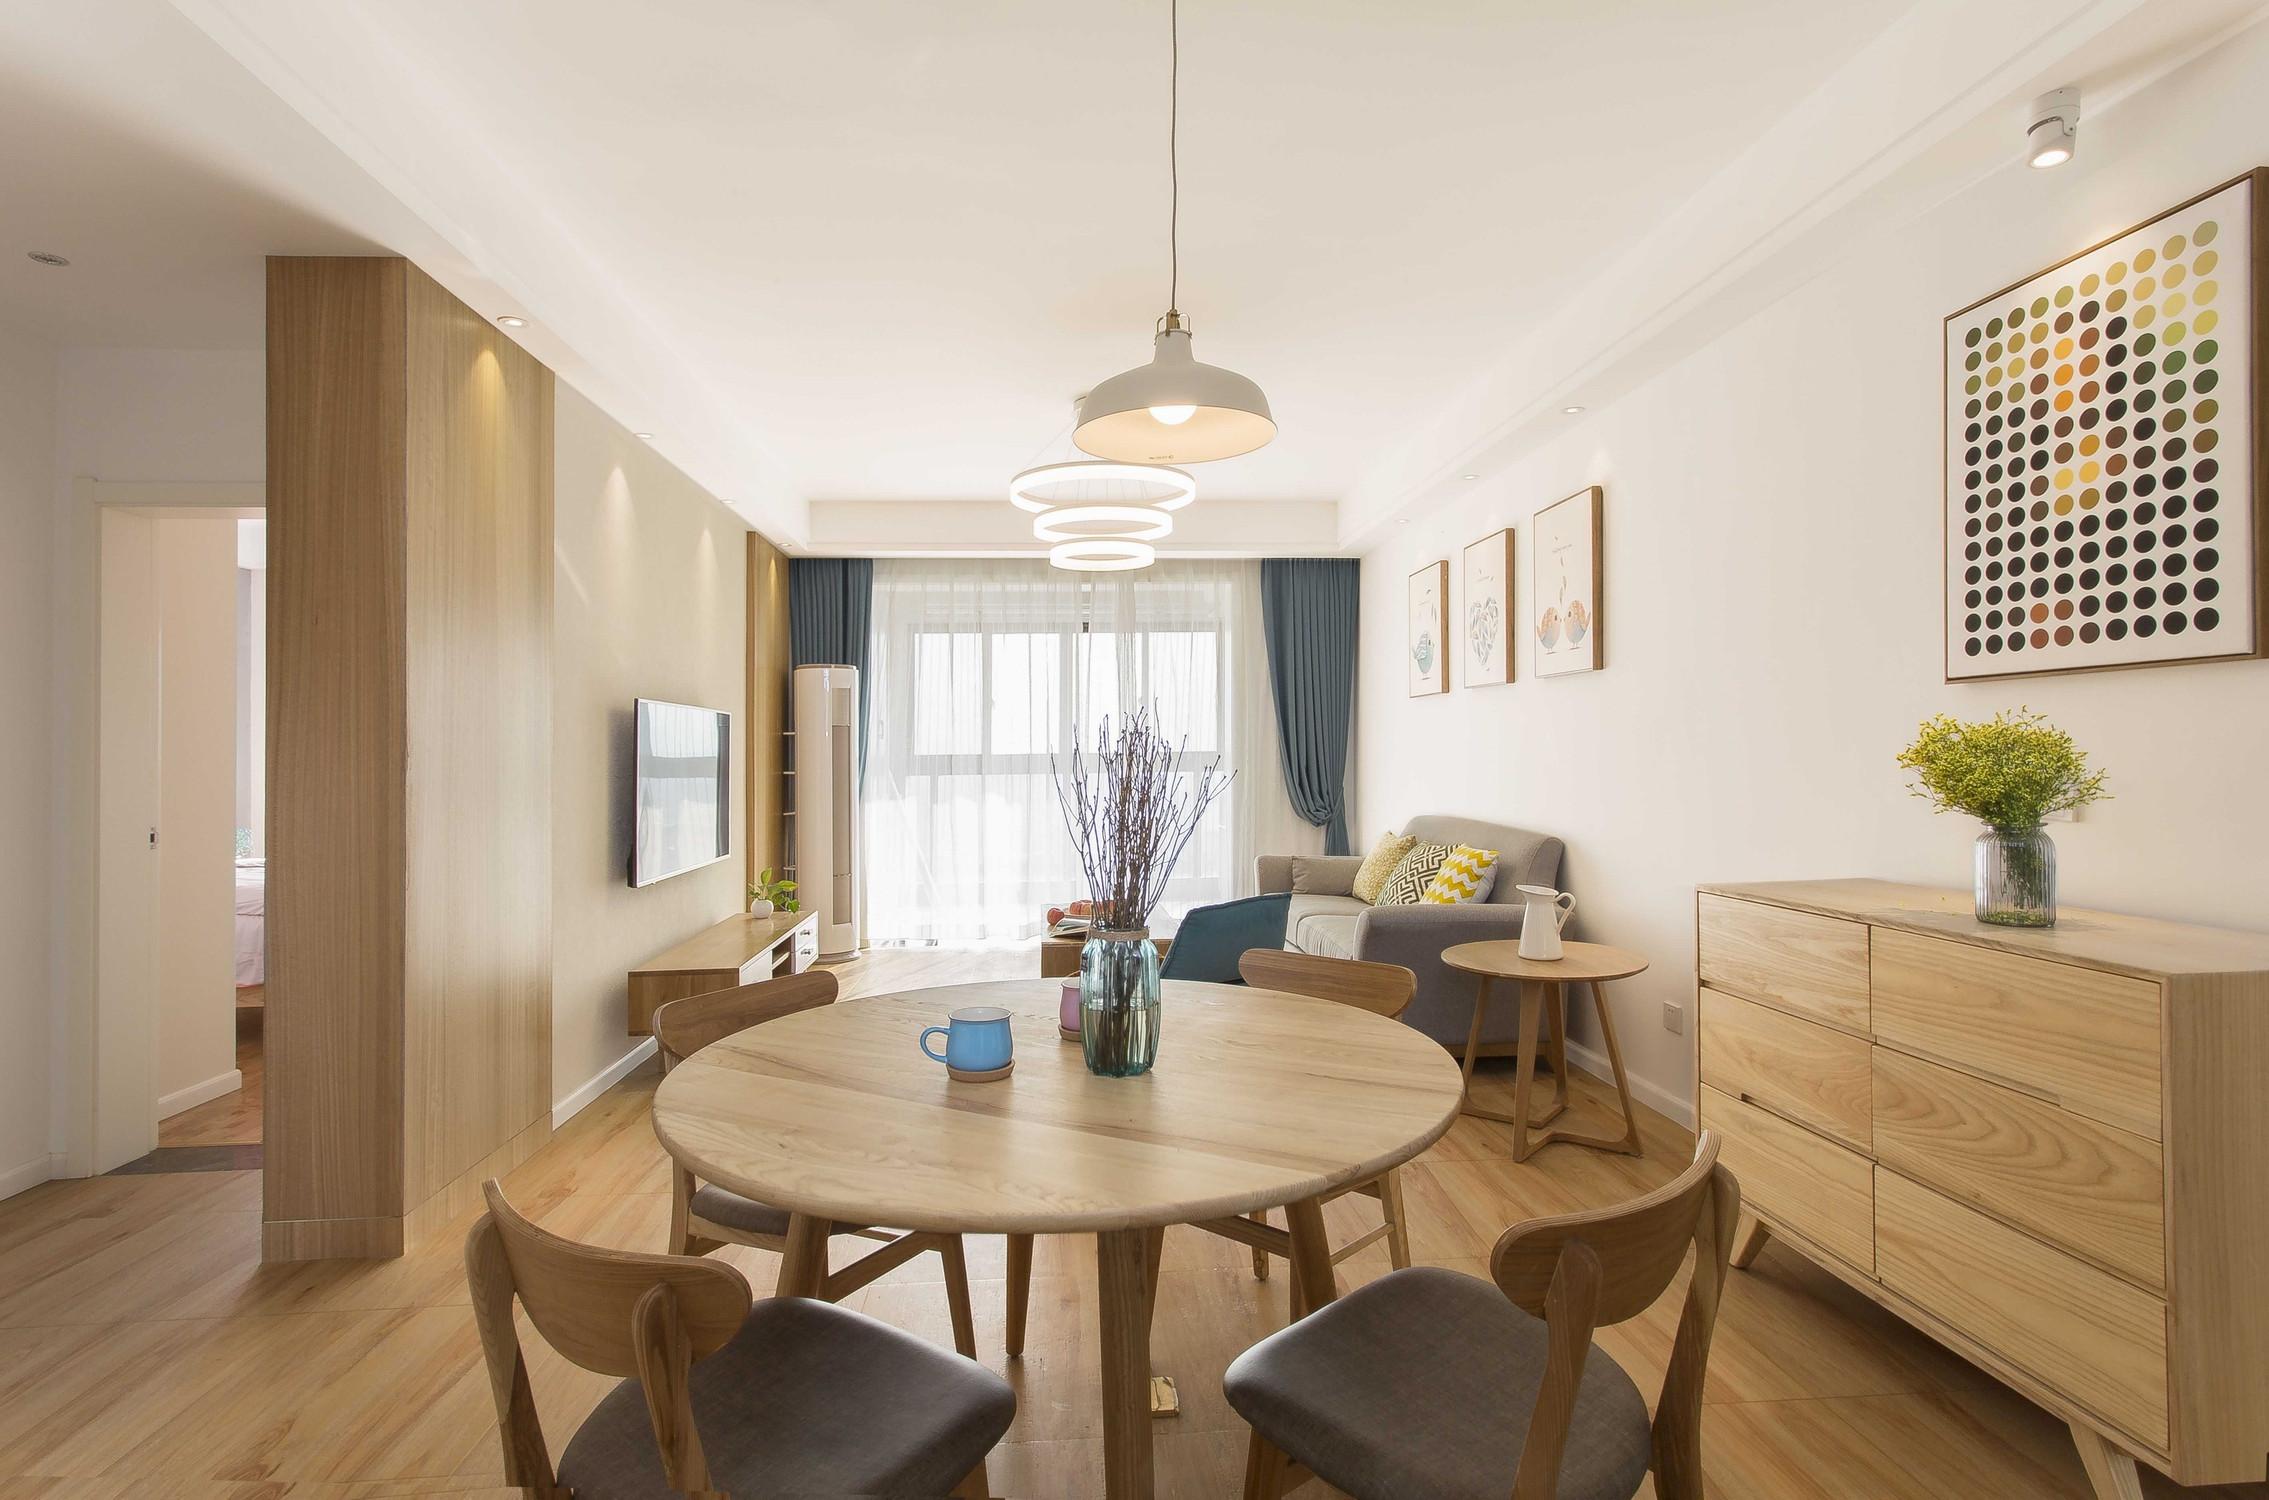 北欧三居之家餐桌图片